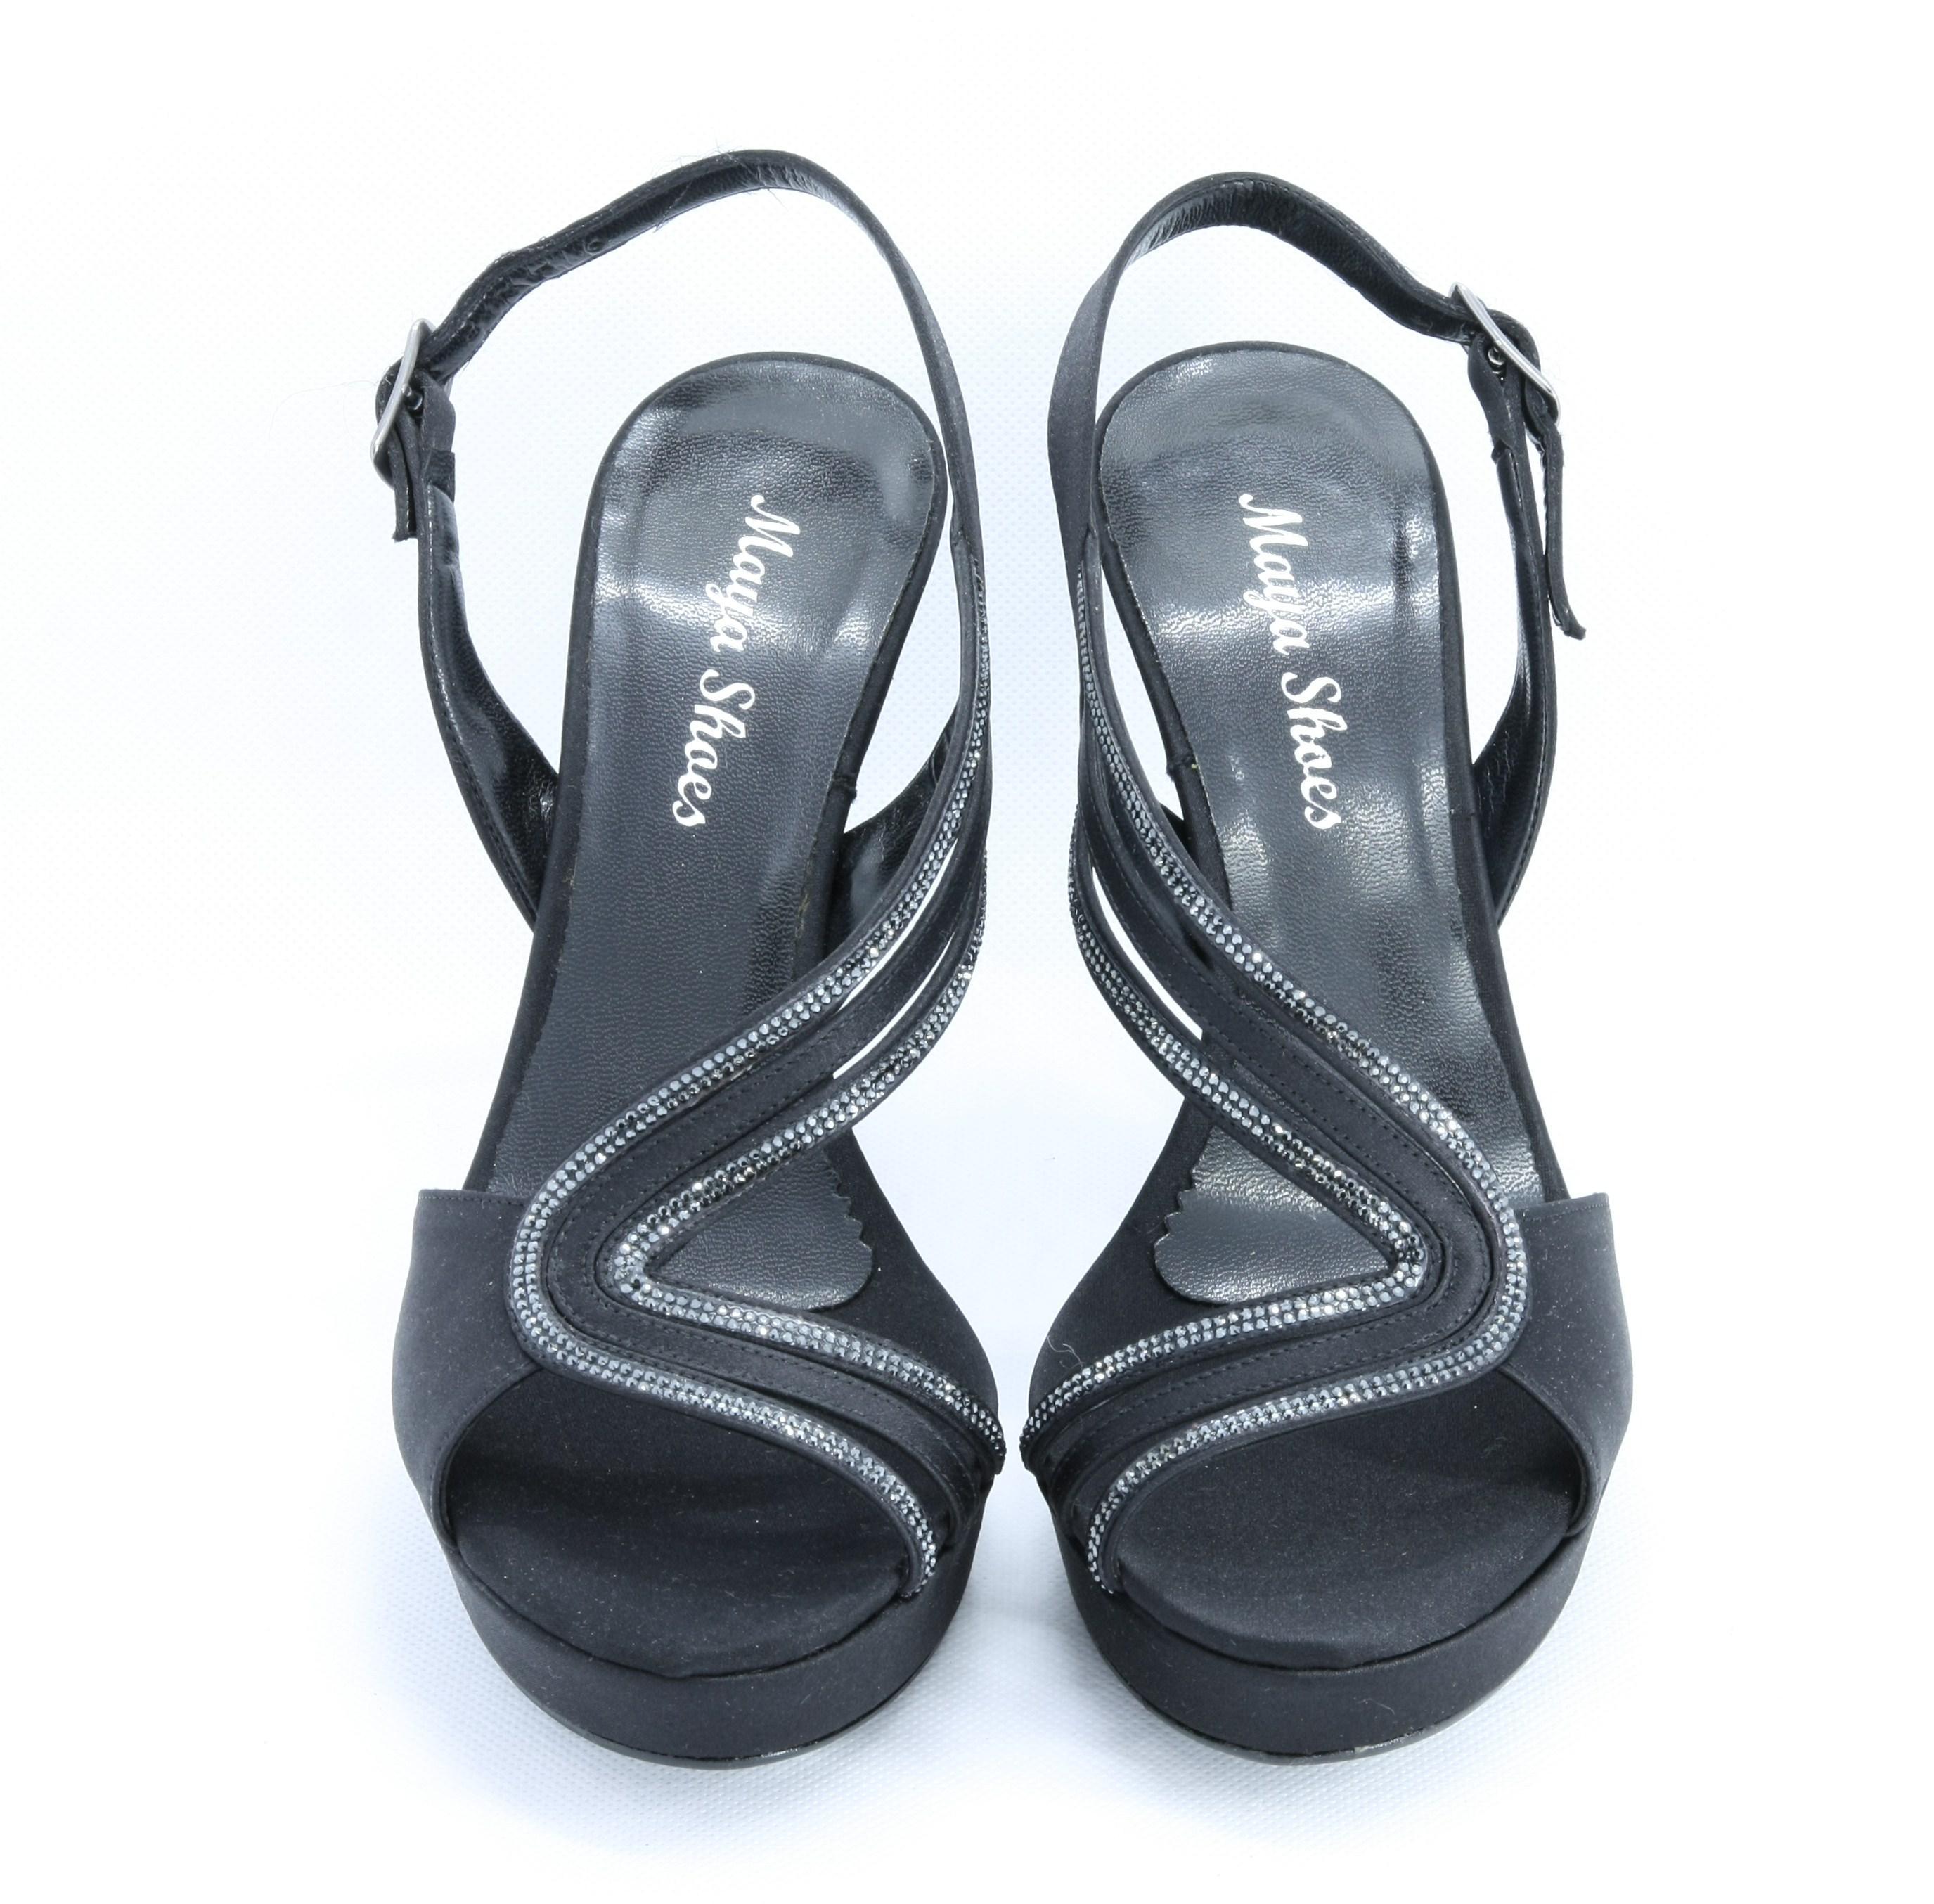 Sandalo cerimonia donna in tessuto con appliccazioni cristallo e cinghietta regolabile Art. 908